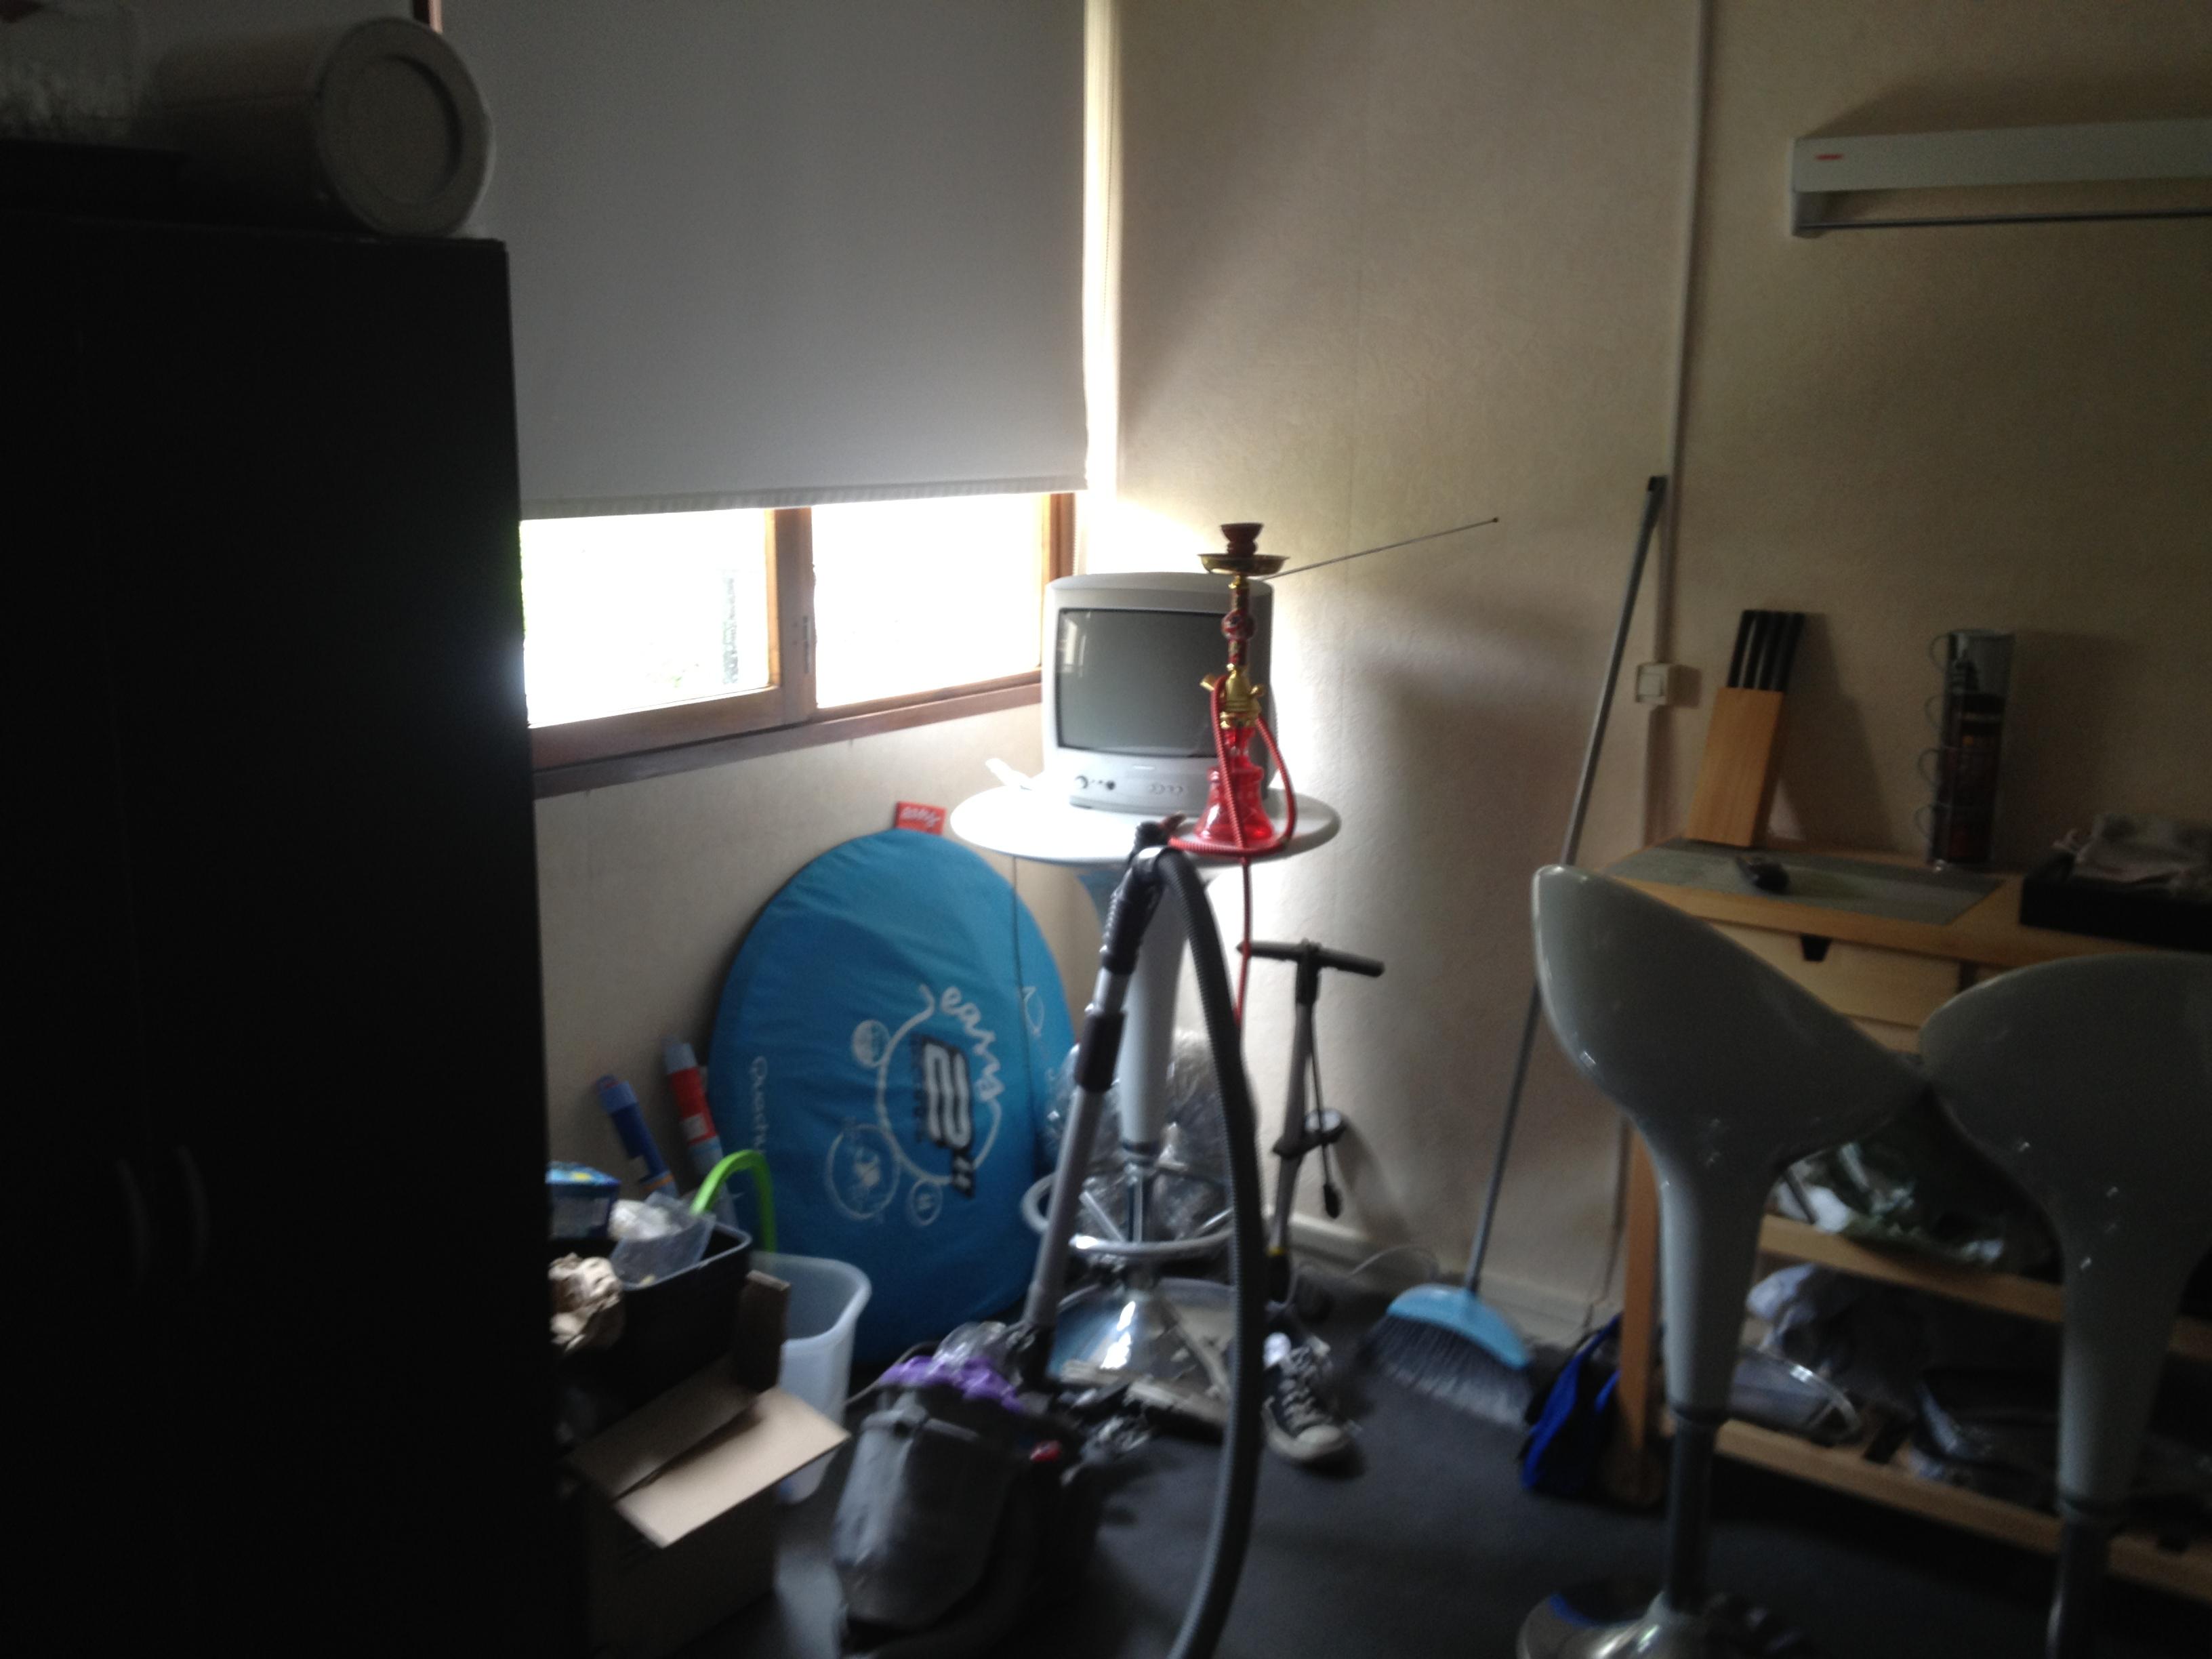 Photo] Ma chambre en bordel total! sur le forum Blabla 18-25 ans ...